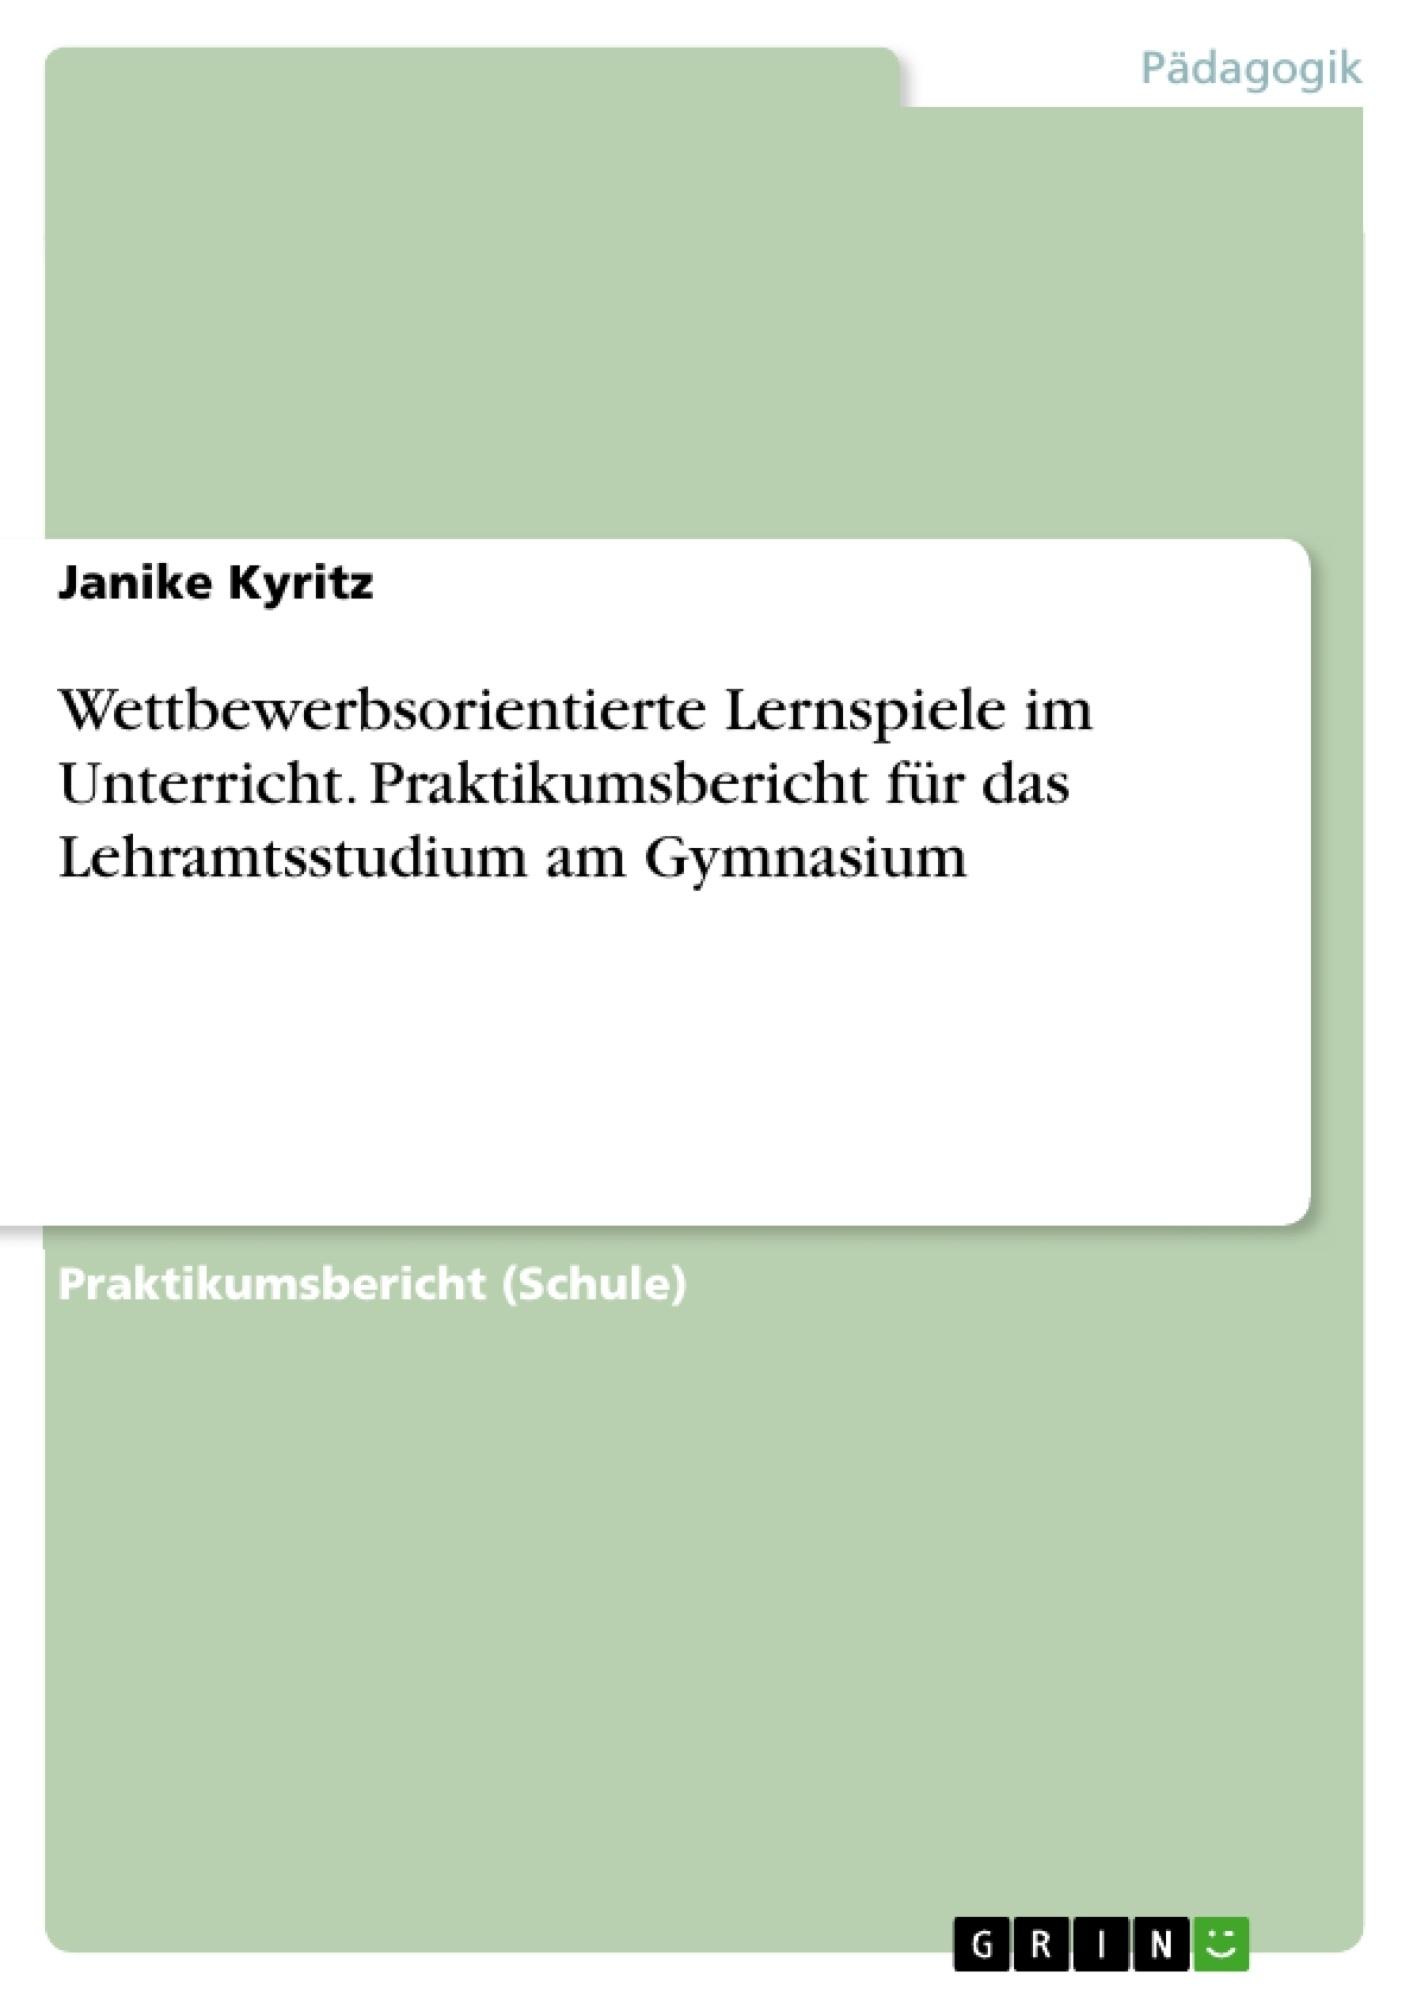 Titel: Wettbewerbsorientierte Lernspiele im Unterricht. Praktikumsbericht für das Lehramtsstudium am Gymnasium